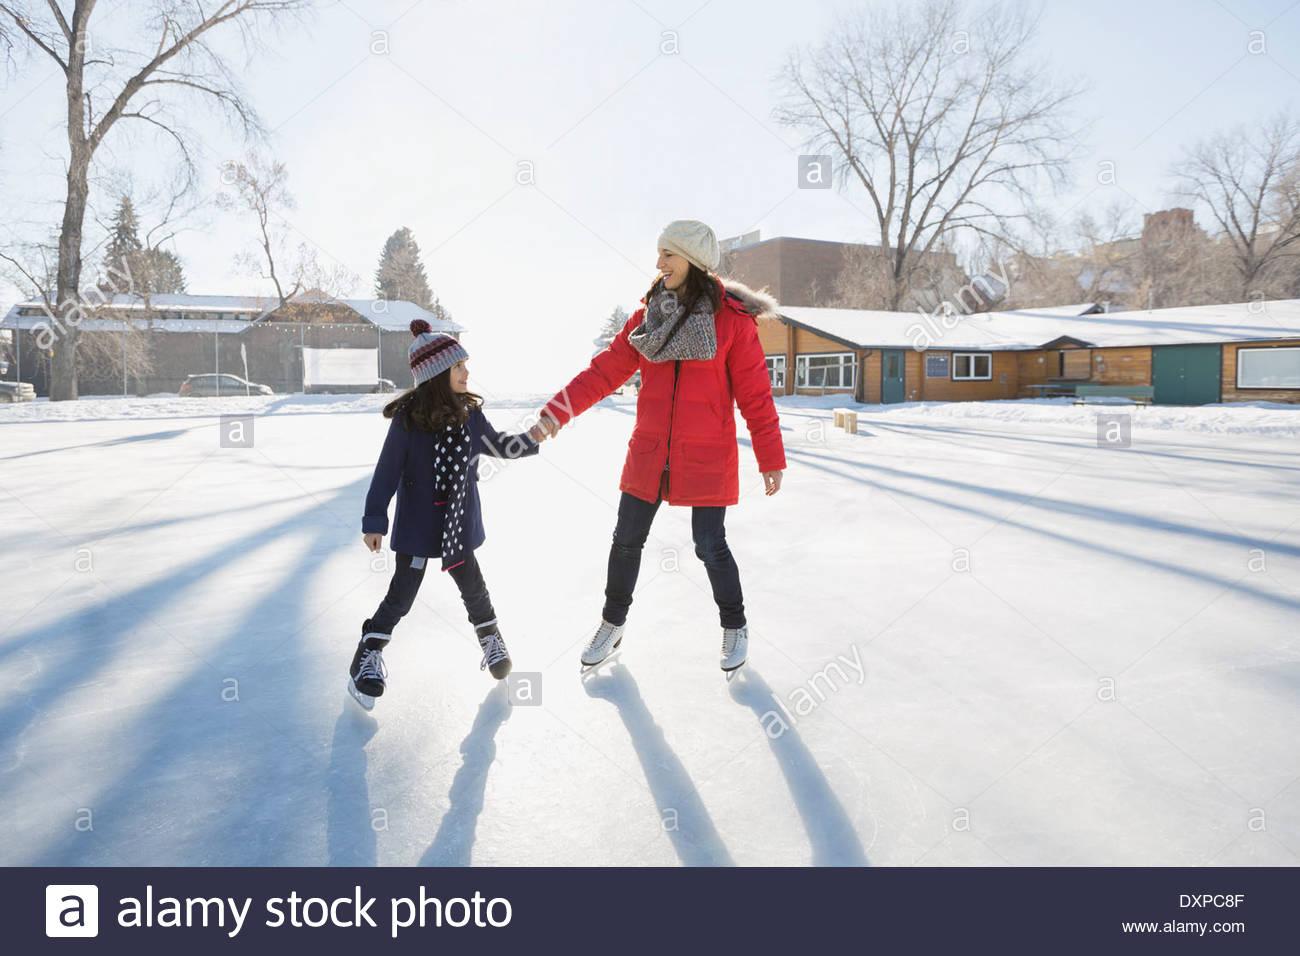 Madre e hija patinaje sobre hielo Imagen De Stock